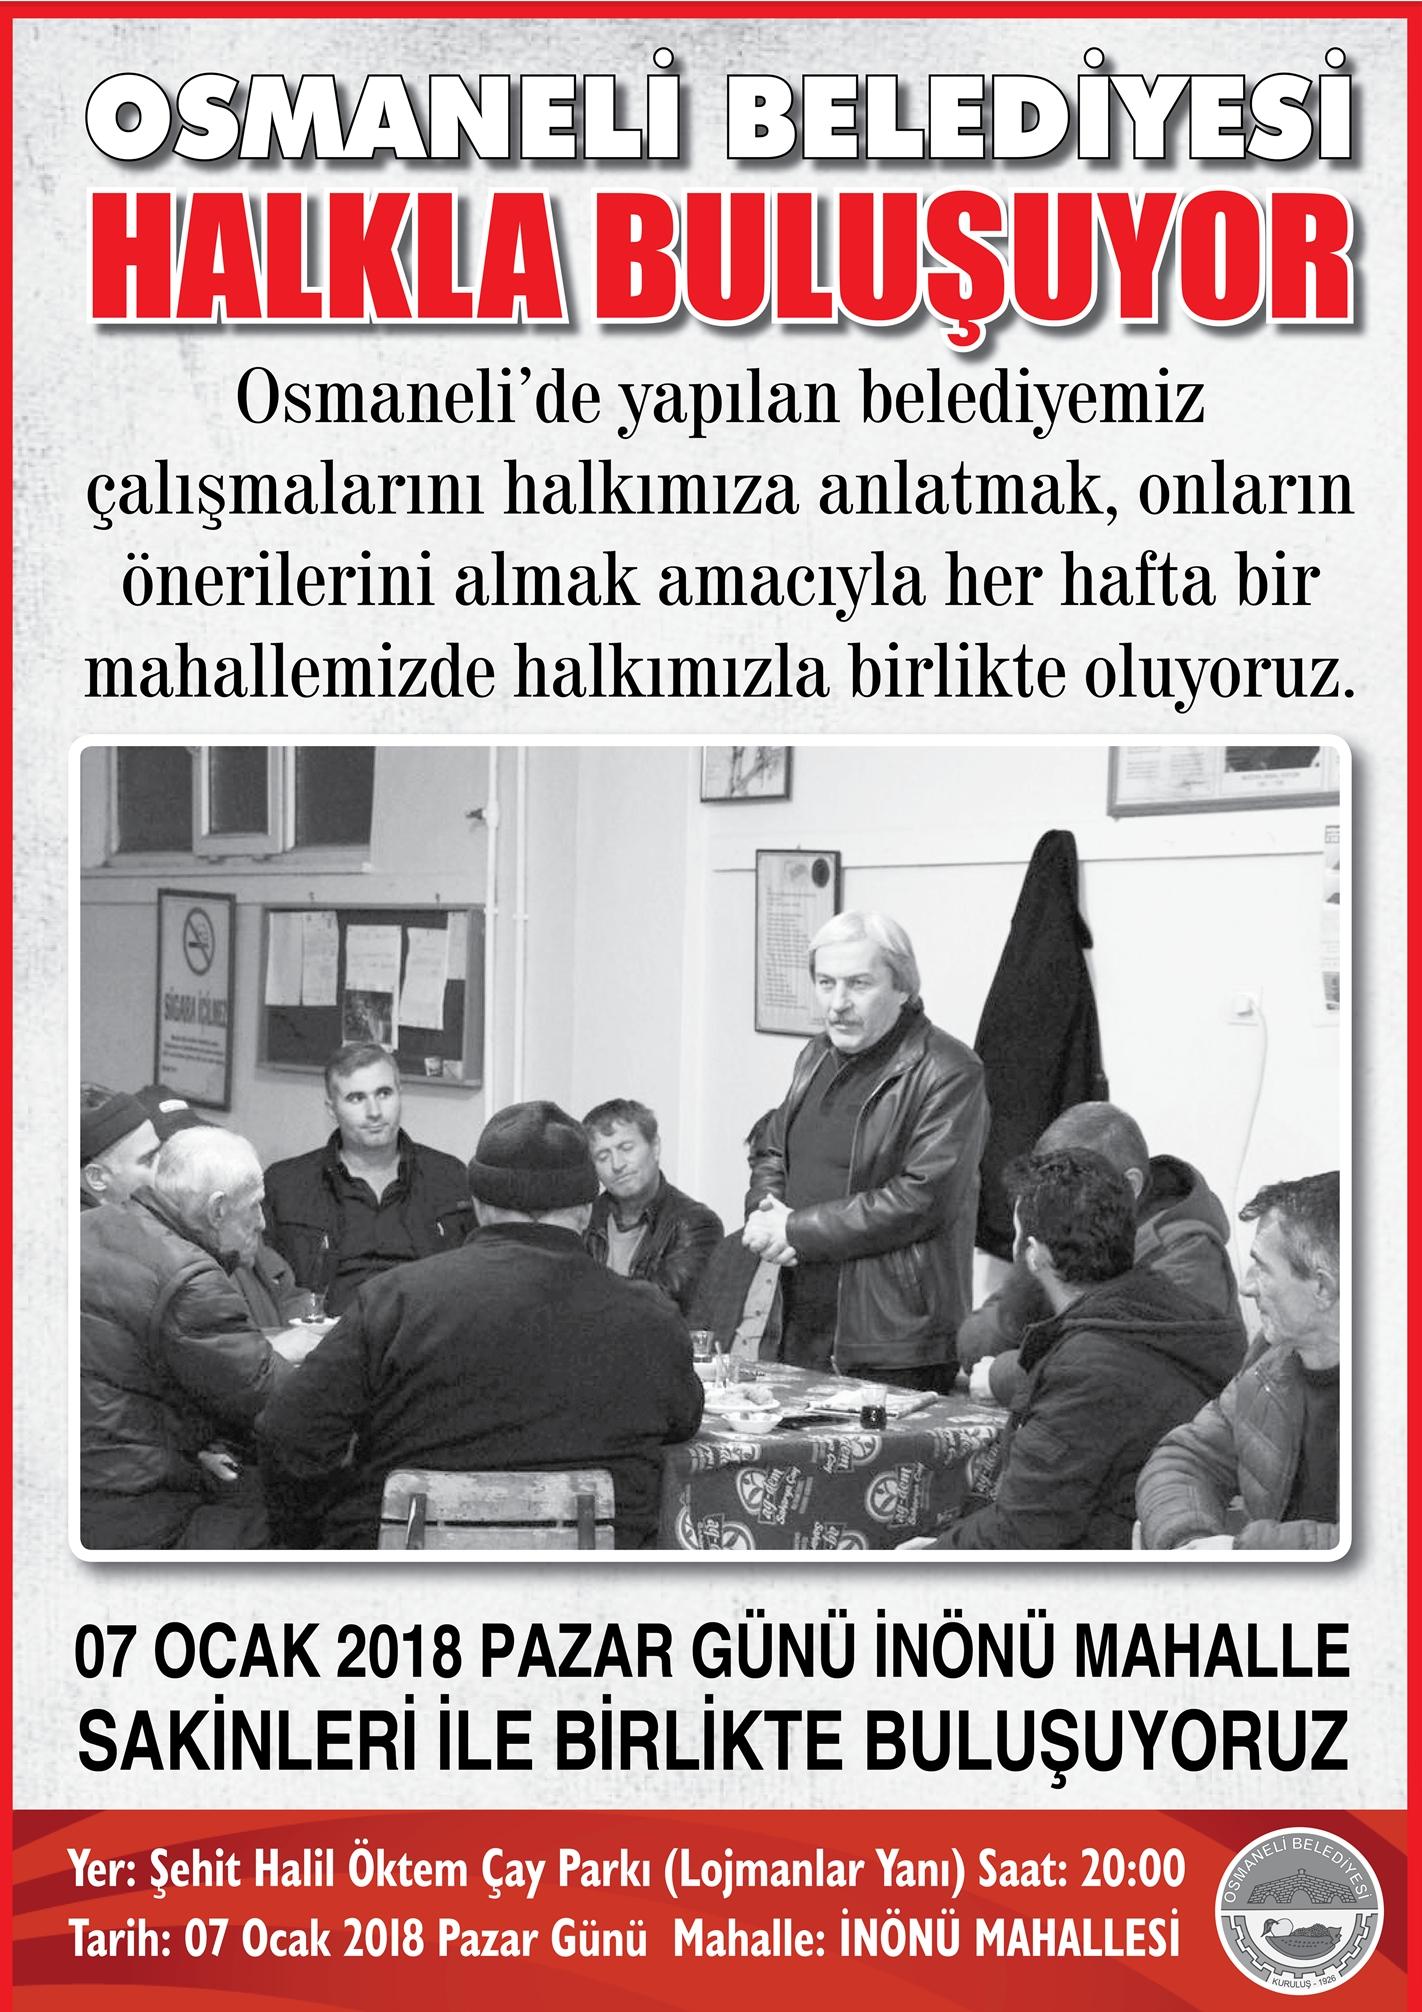 osmaneli-belediyesi.jpg